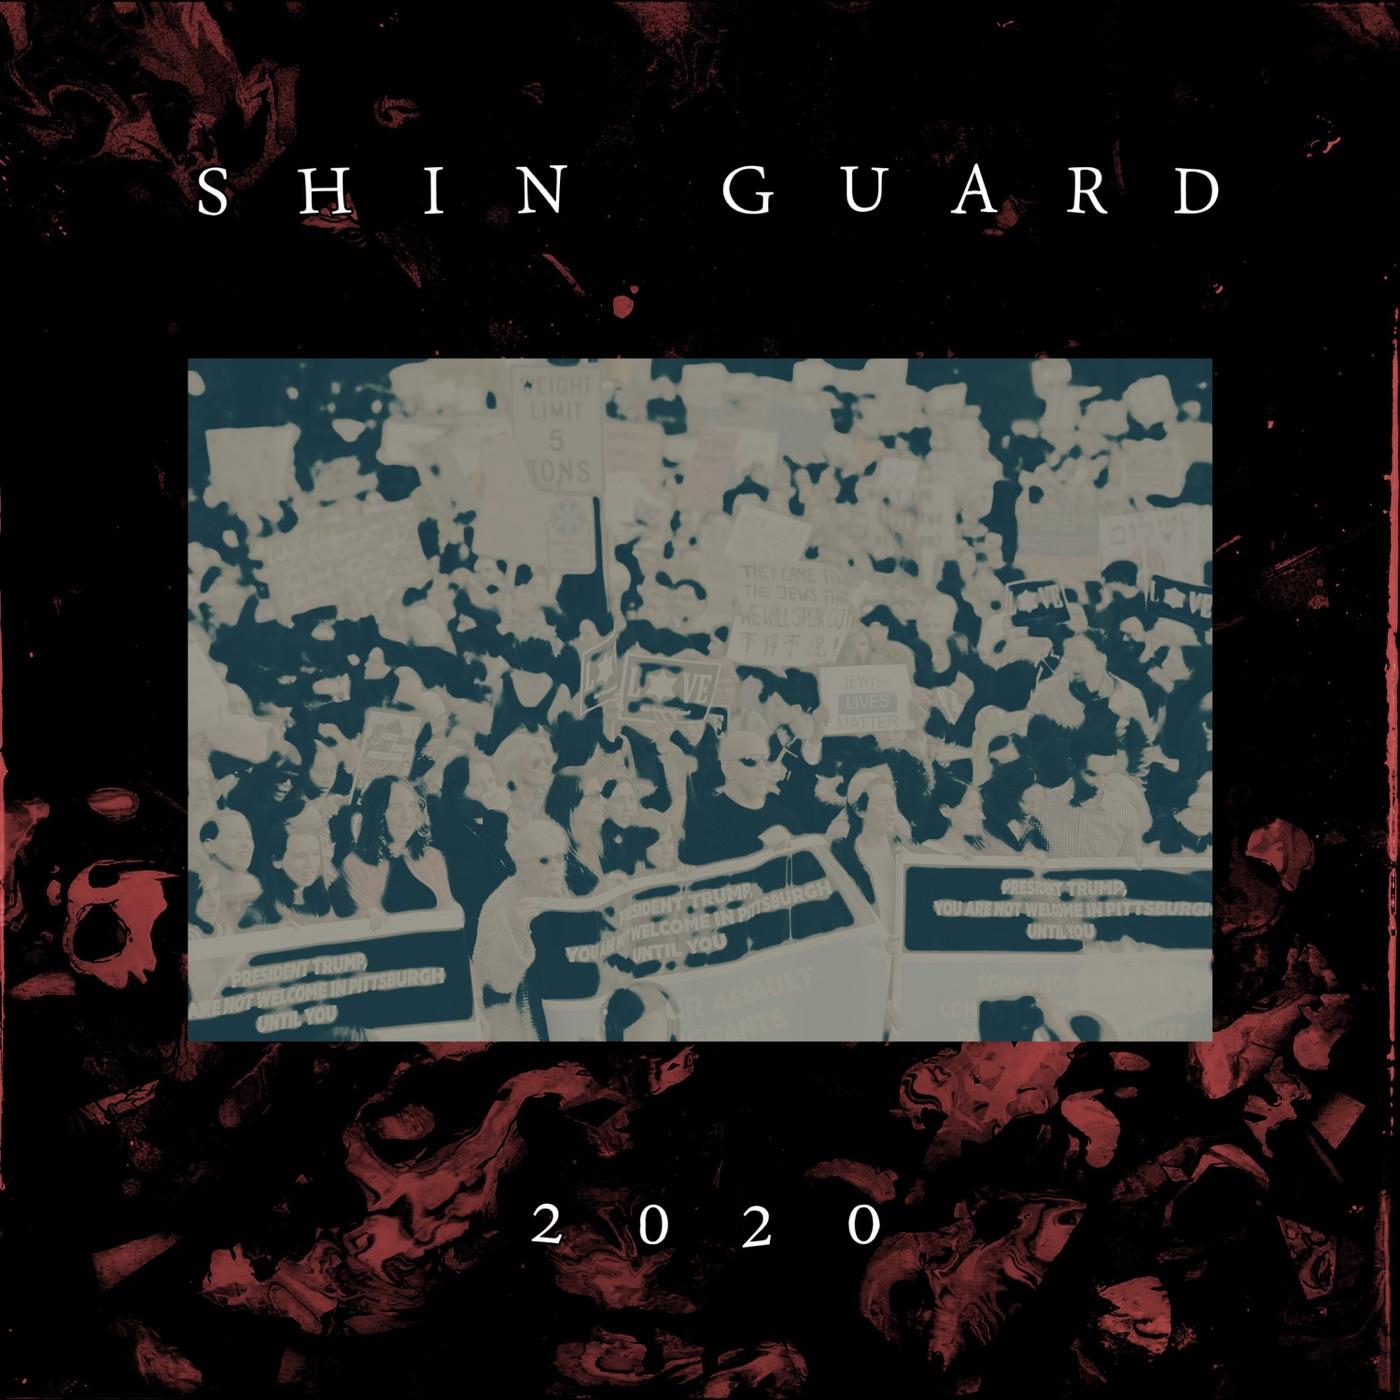 Shin Guard - 2020 (2019)